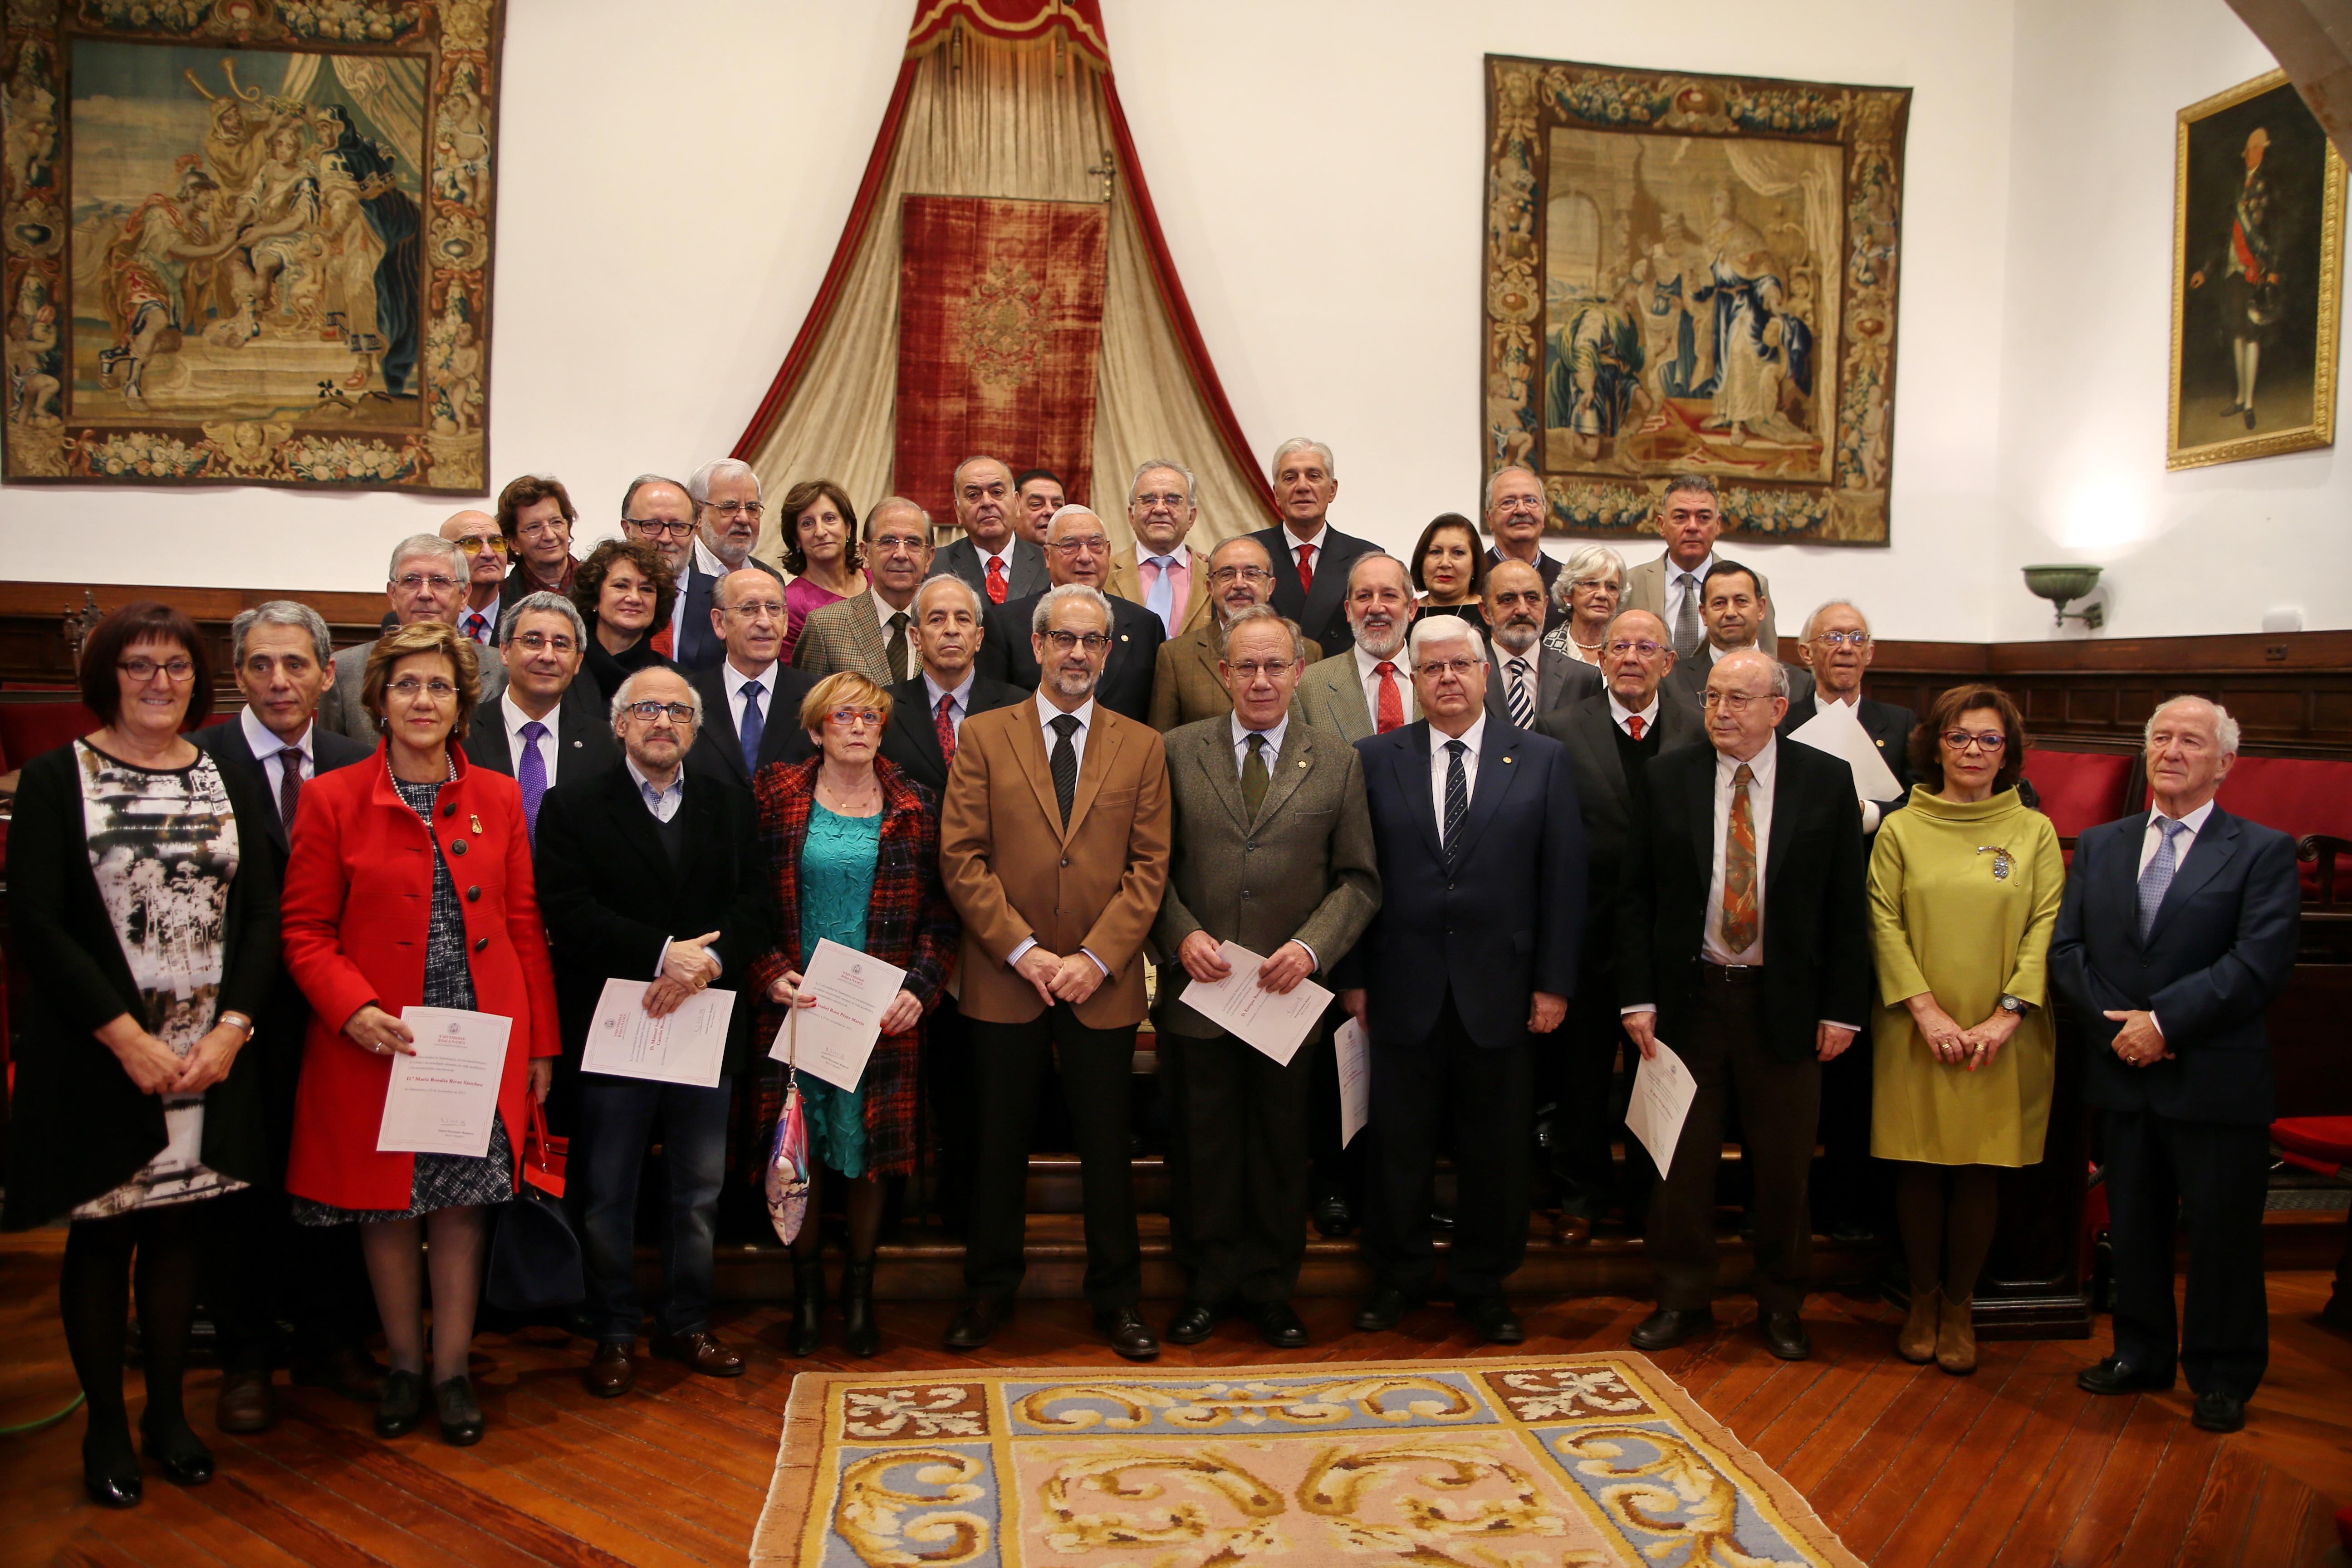 El rector, Daniel Hernández Ruipérez, preside el acto homenaje al Personal Docente e Investigador jubilado de la Universidad de Salamanca